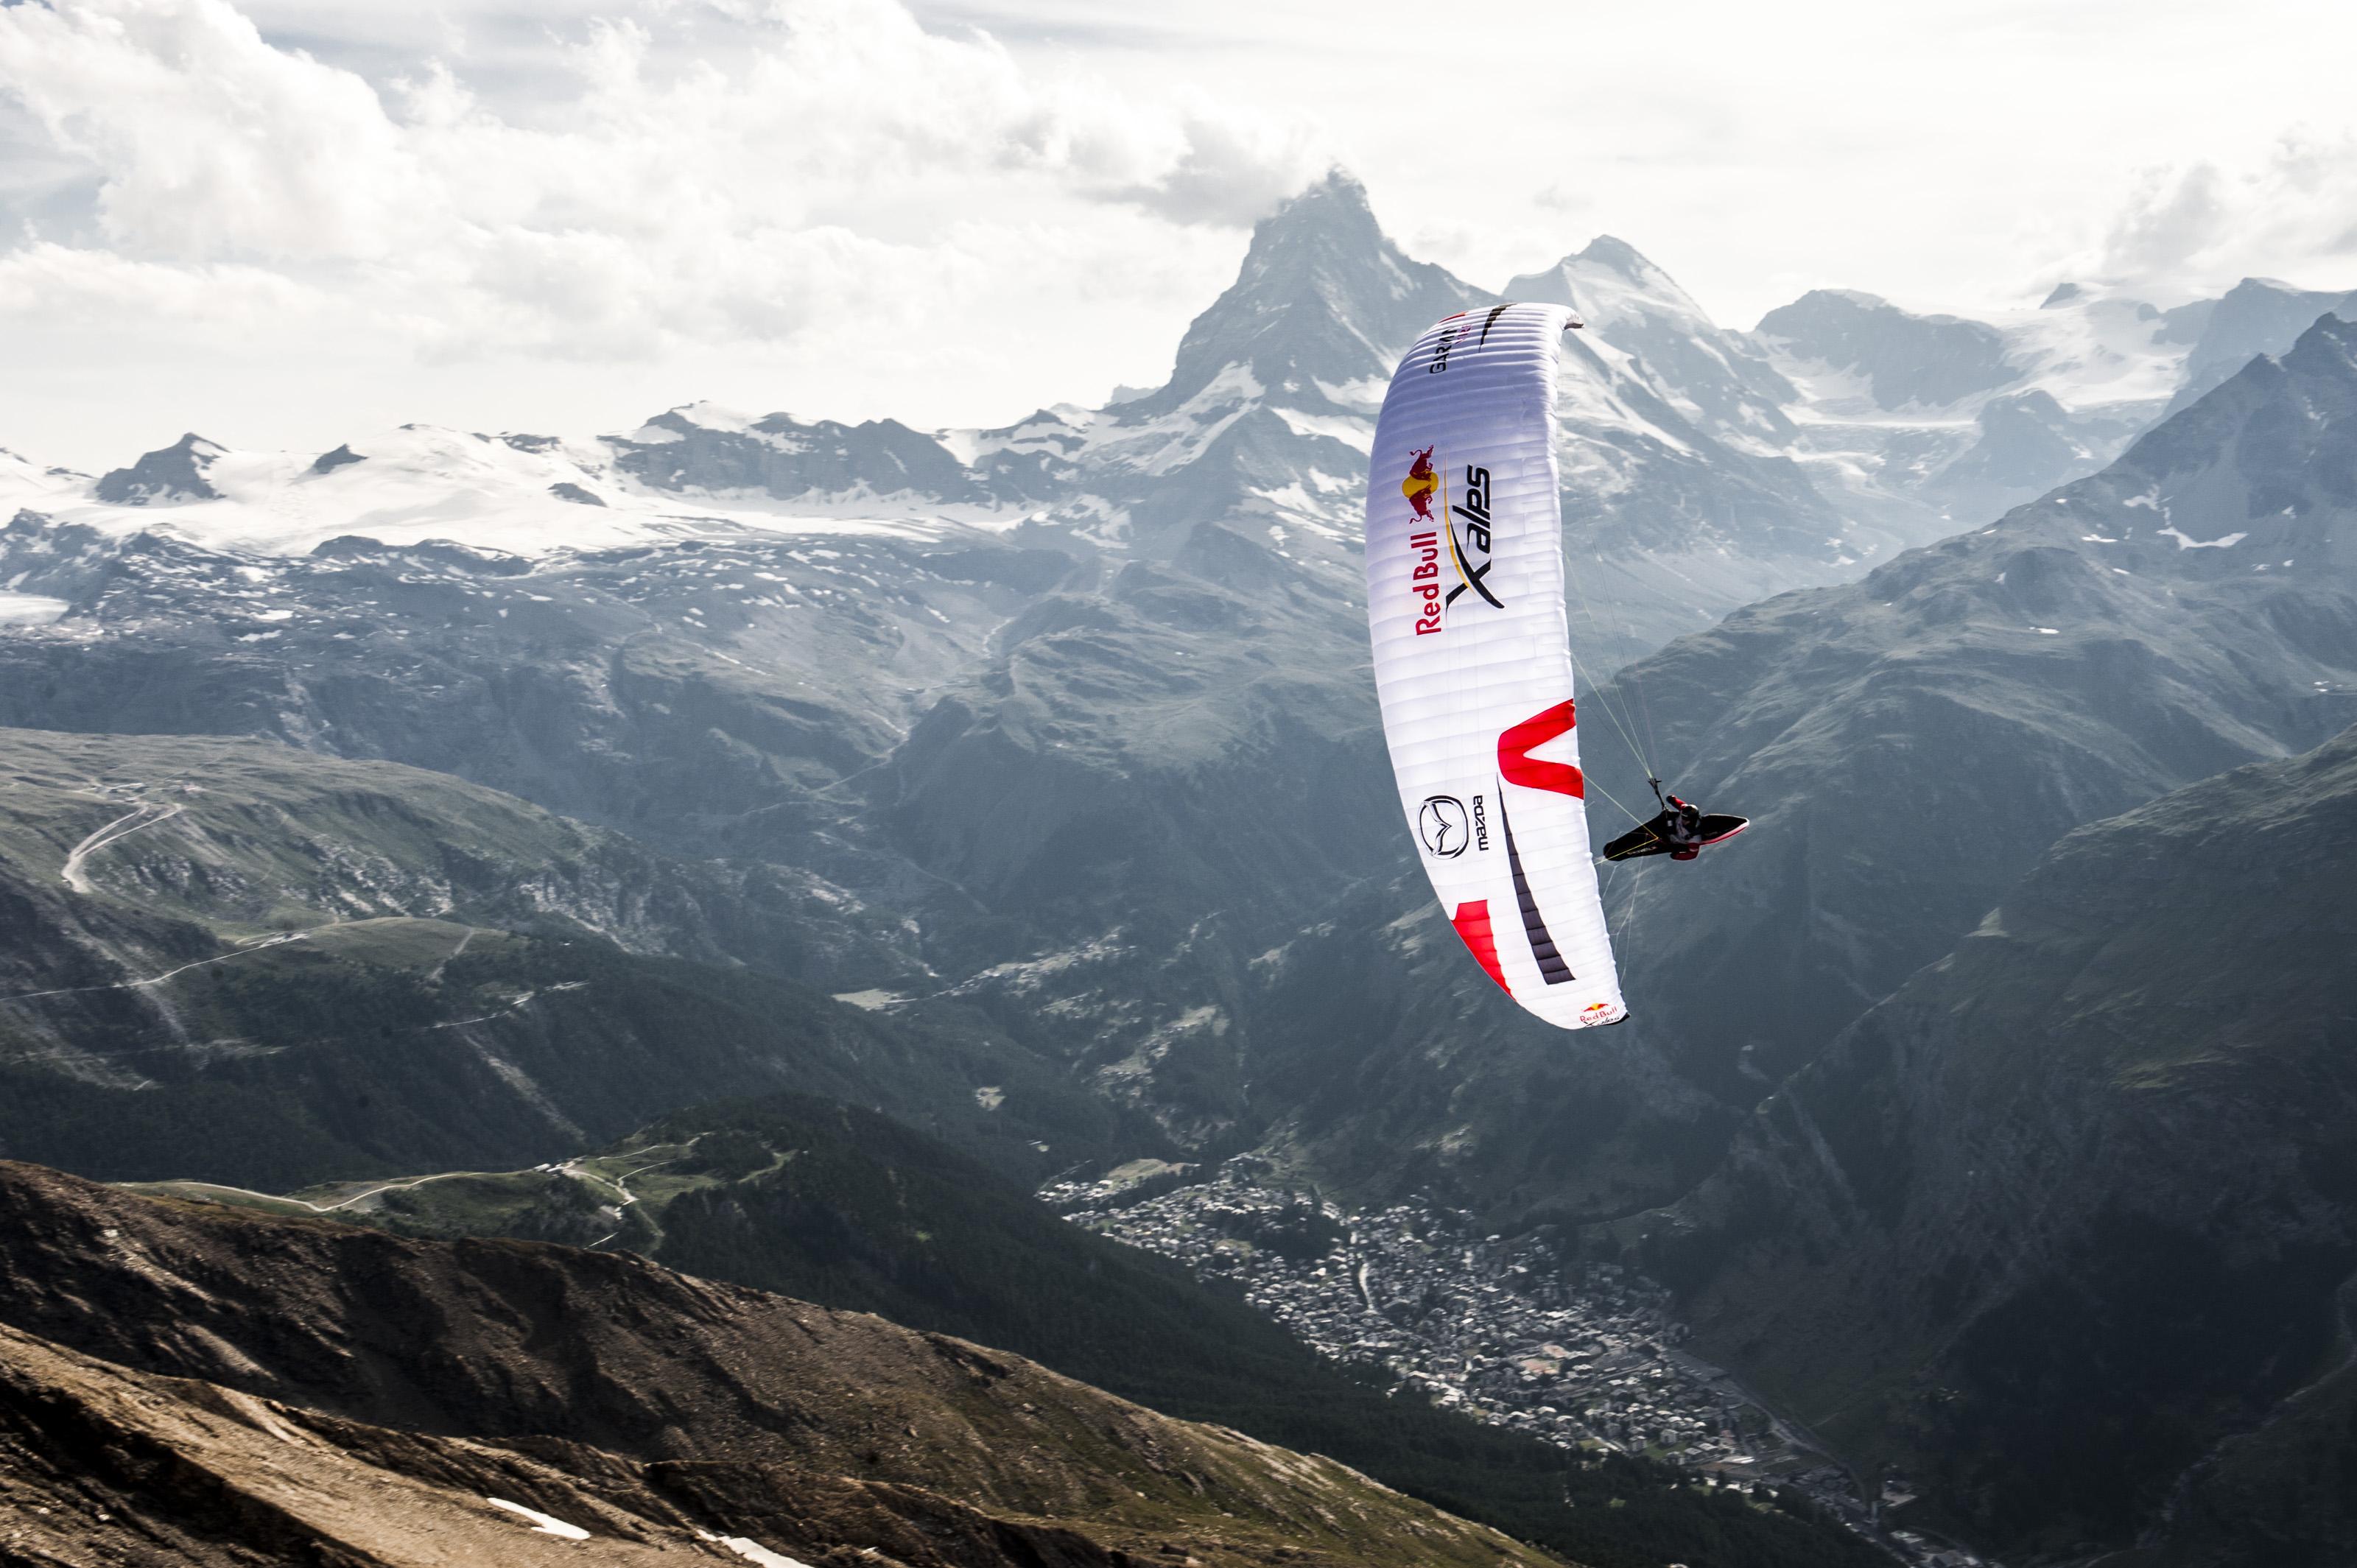 Jeden z uczestników Red bull X-Alps w pobliżu Zermatt (fot. Felix Woelk / Red Bull Content Pool)